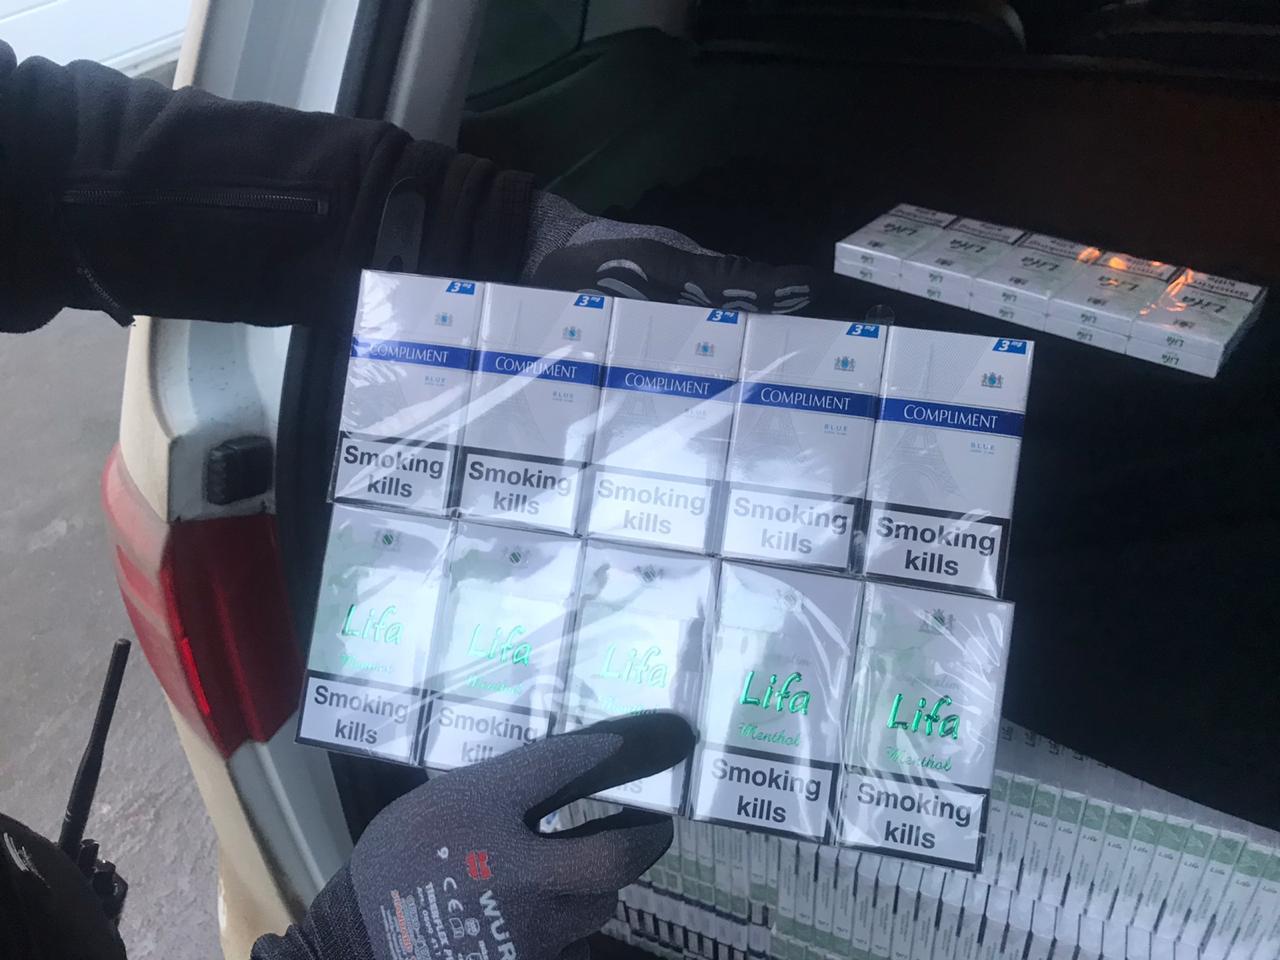 На кордоні затримали угорського дипломата з багажником сигарет – Держприкордонслужба